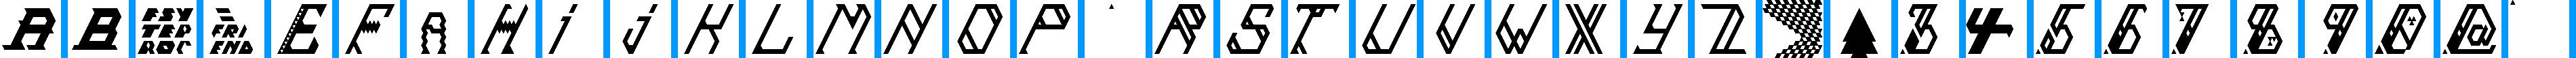 Particip-a-type v.350